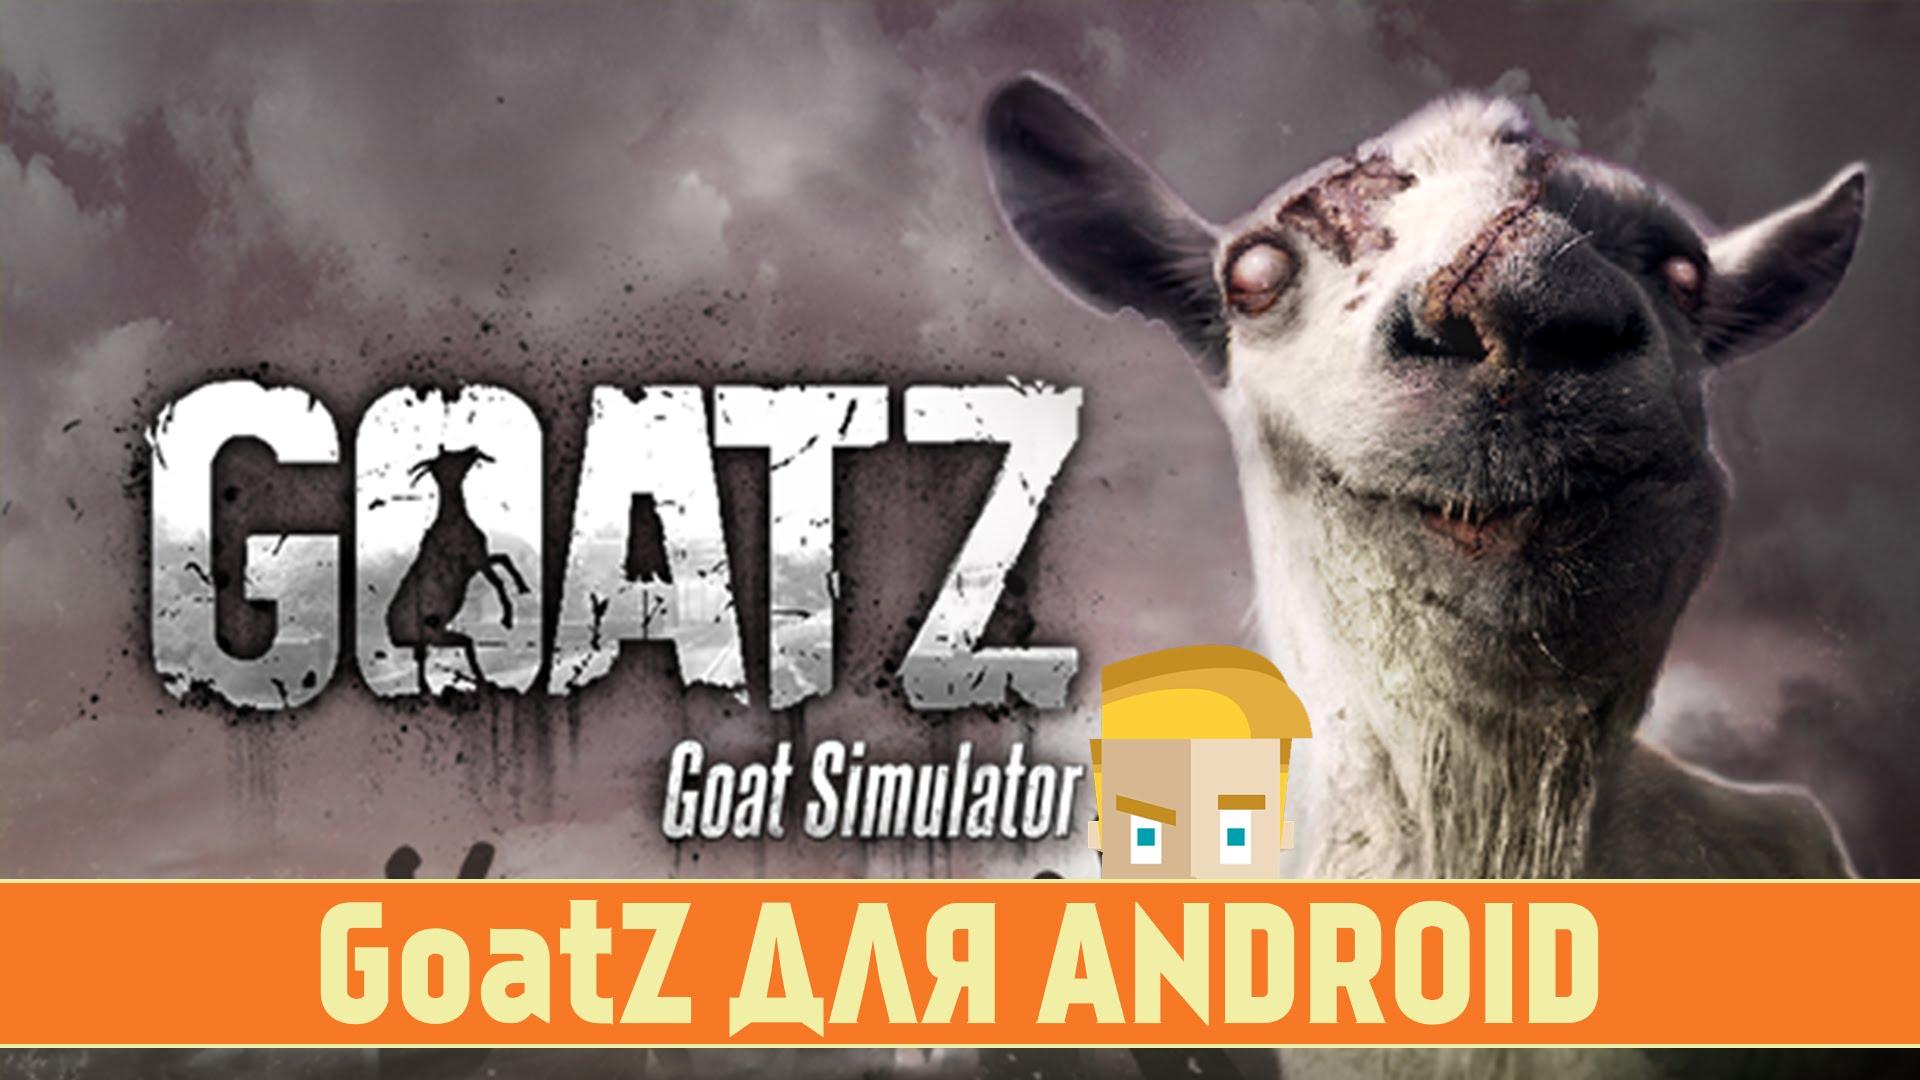 играть онлайн козел симулятор